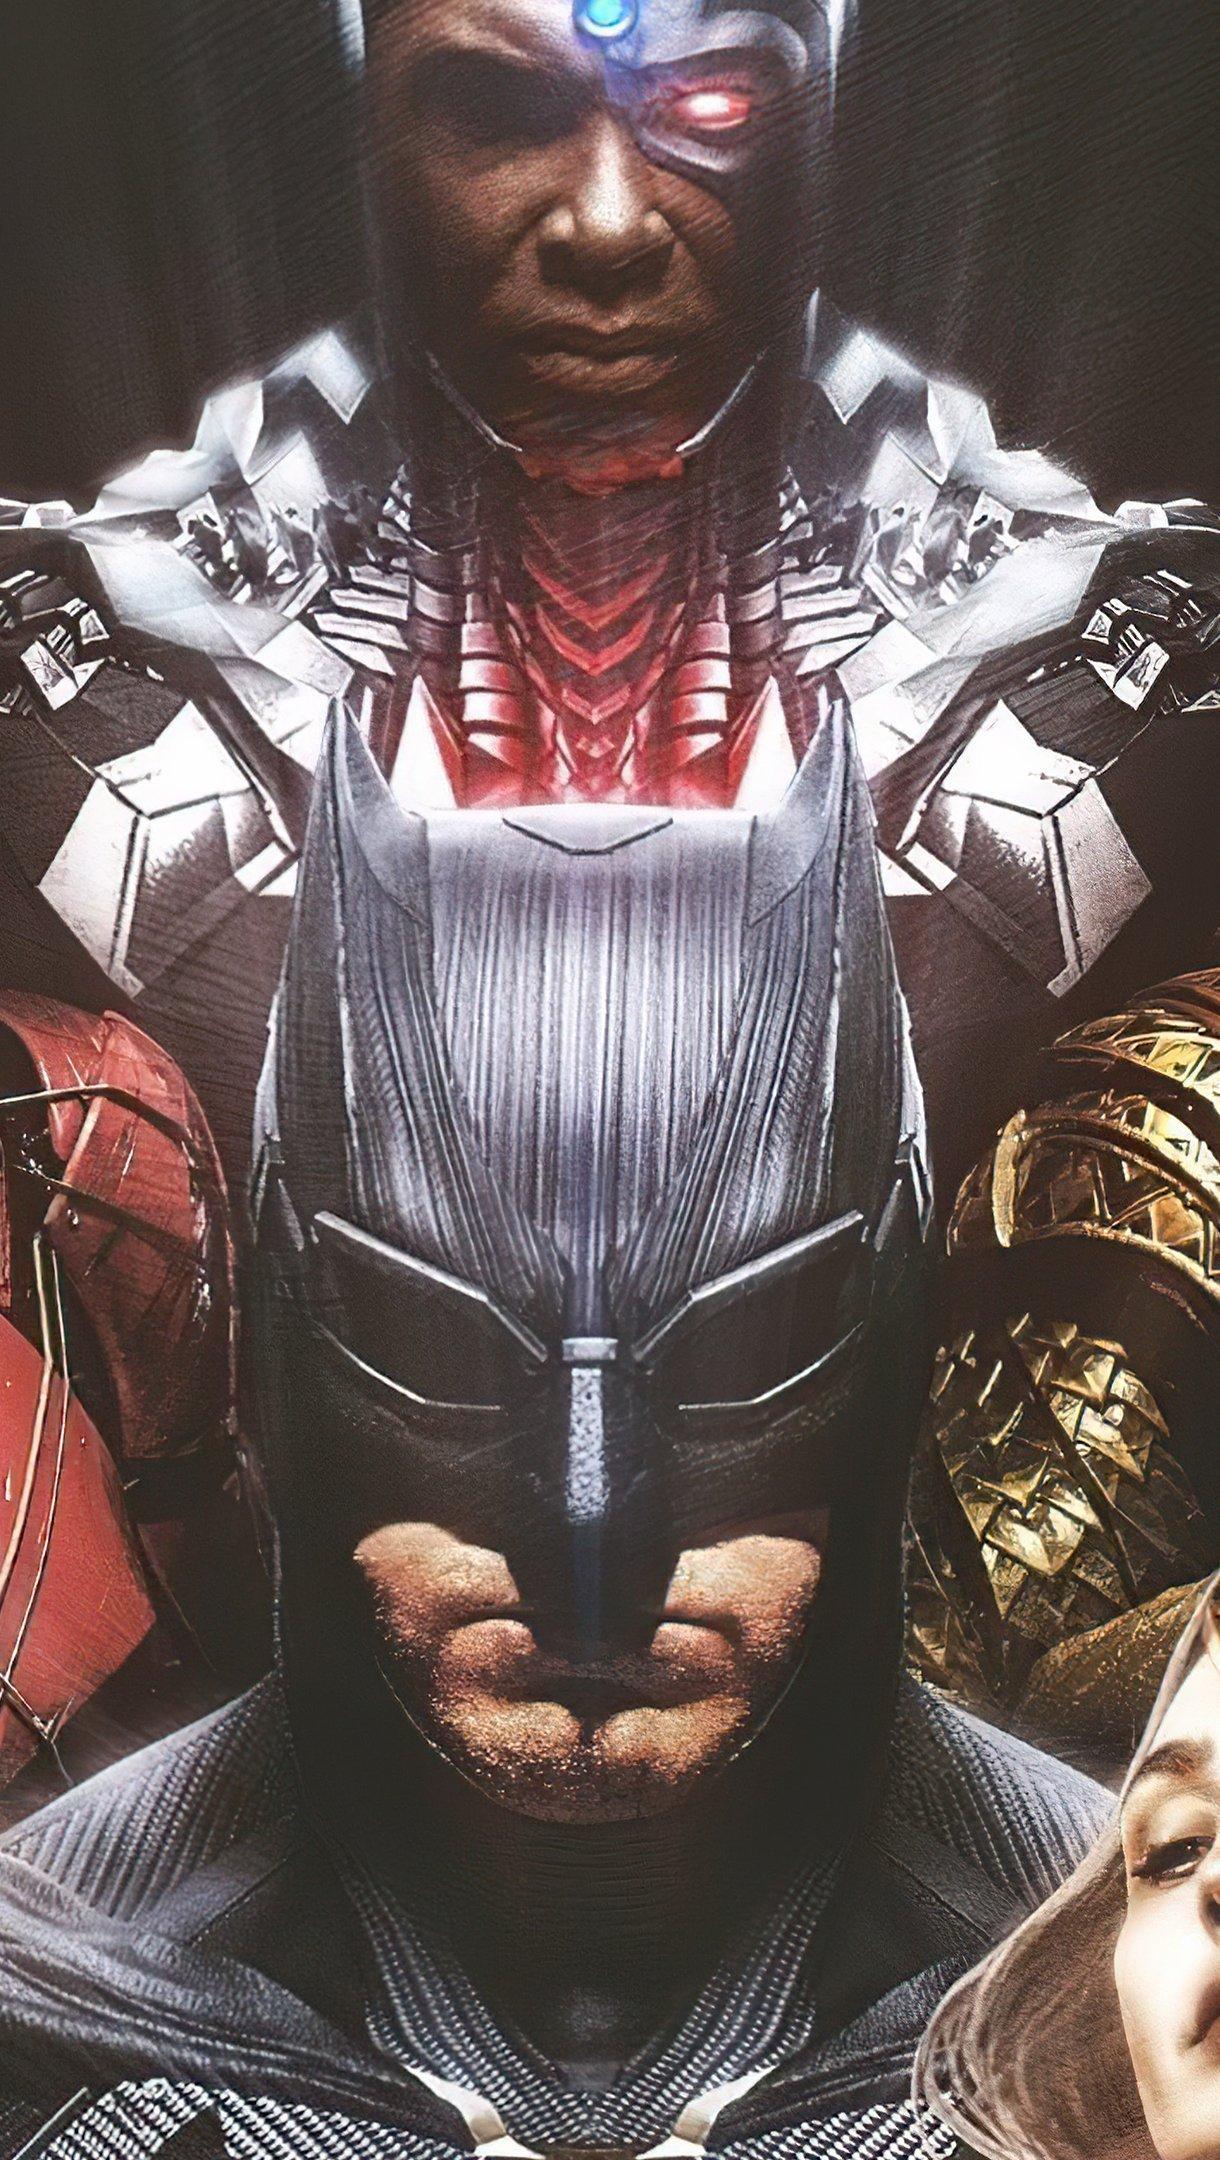 Fondos de pantalla Justice League Snyder Cut Vertical